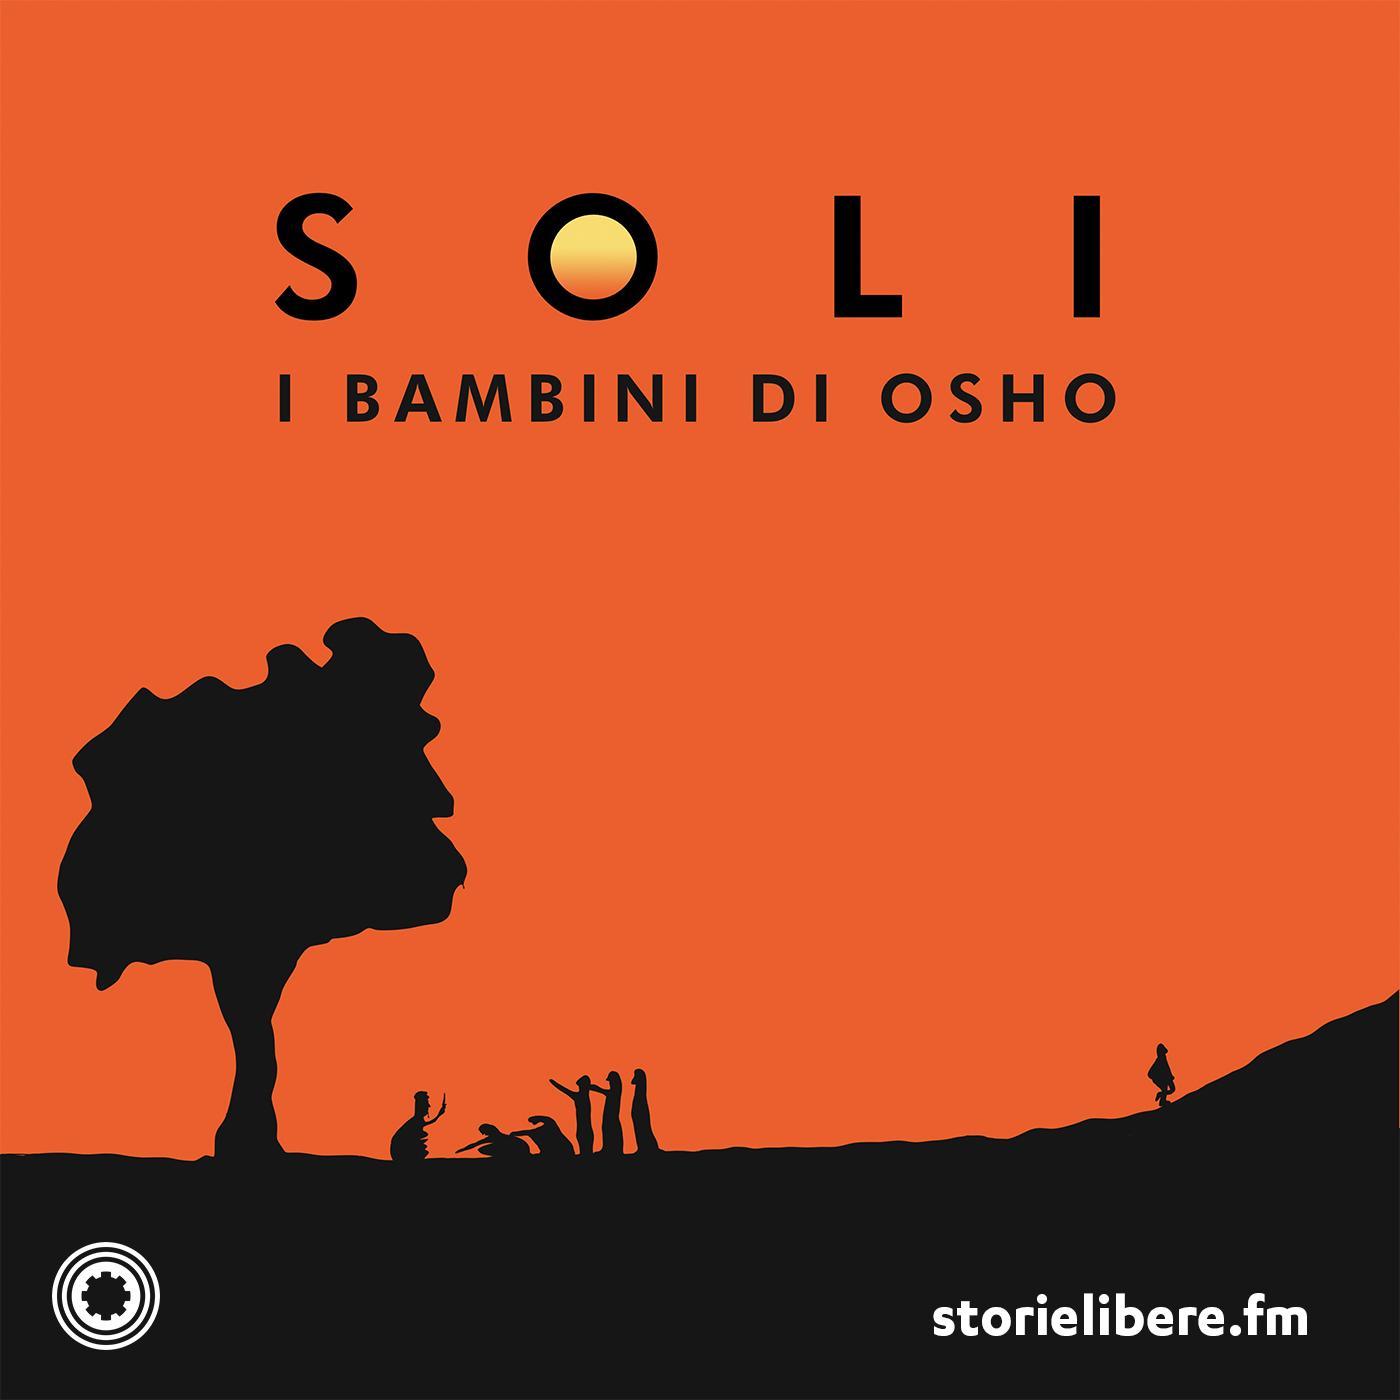 soli storieliberefm xeNUdD73hR In vacanza con 5 podcast italiani